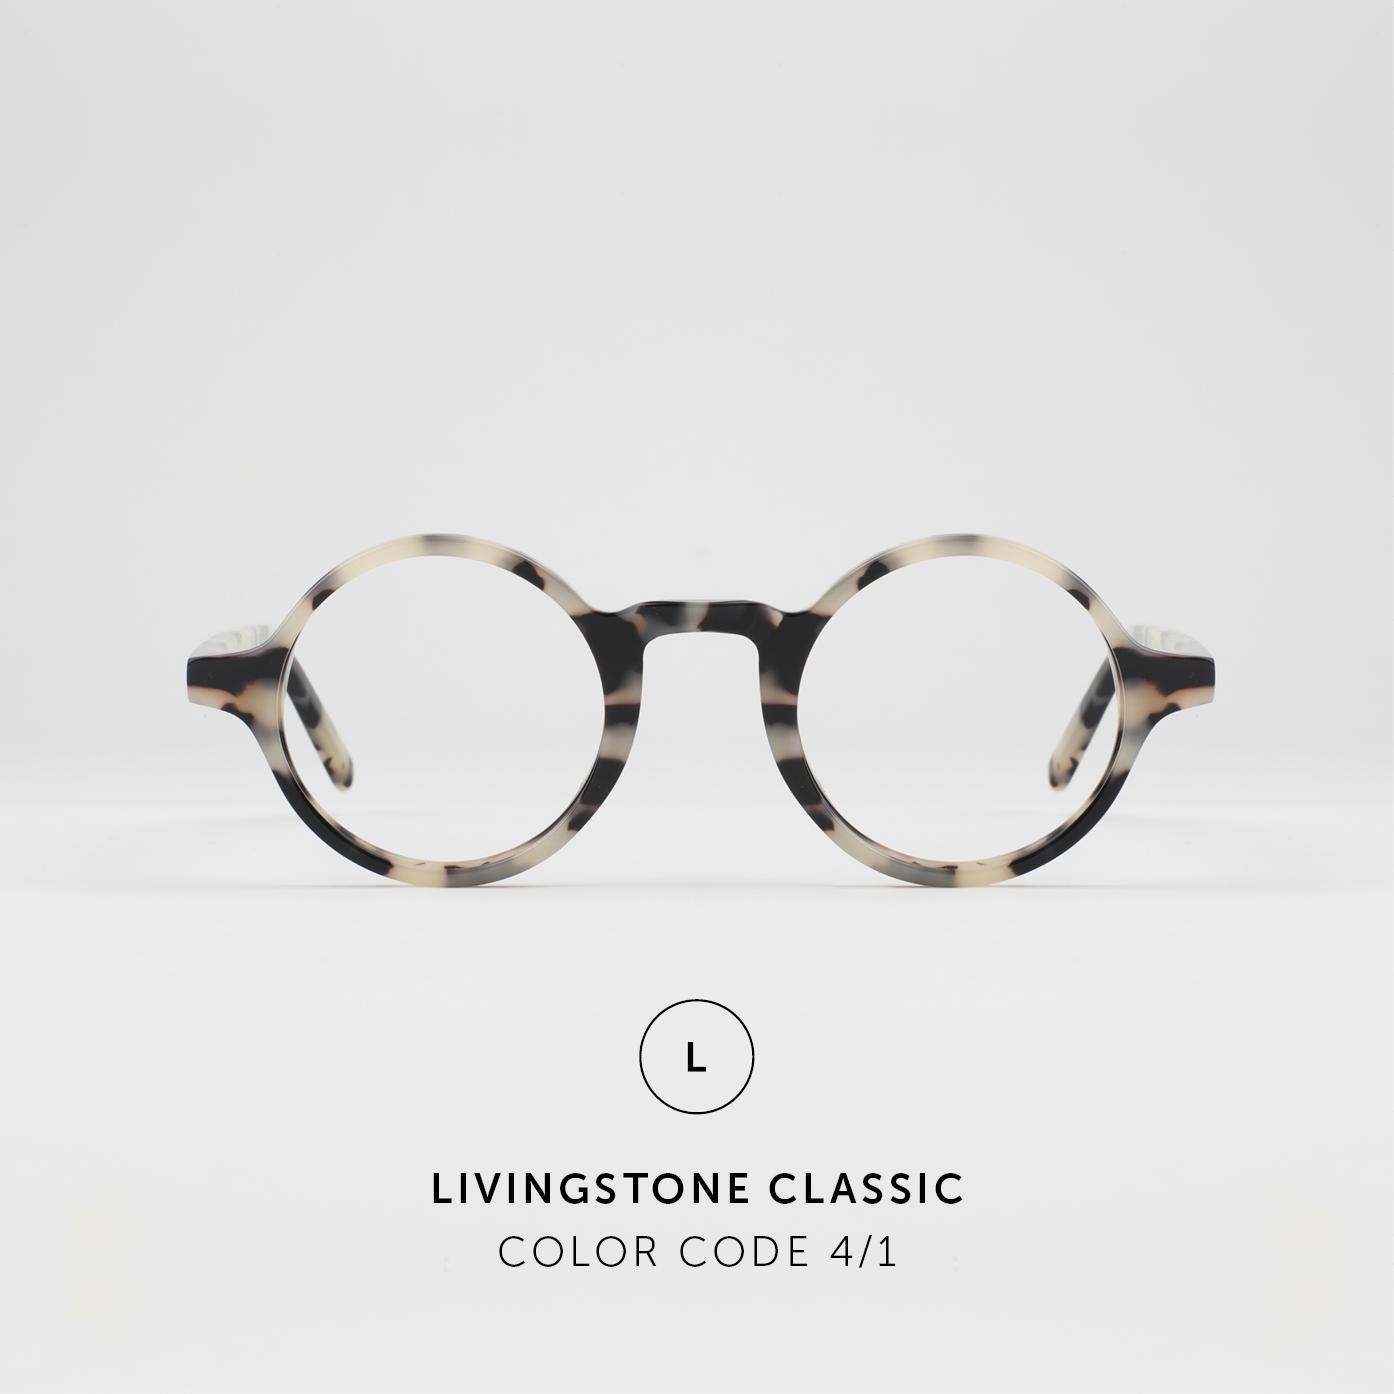 LivingstoneClassic21.jpg